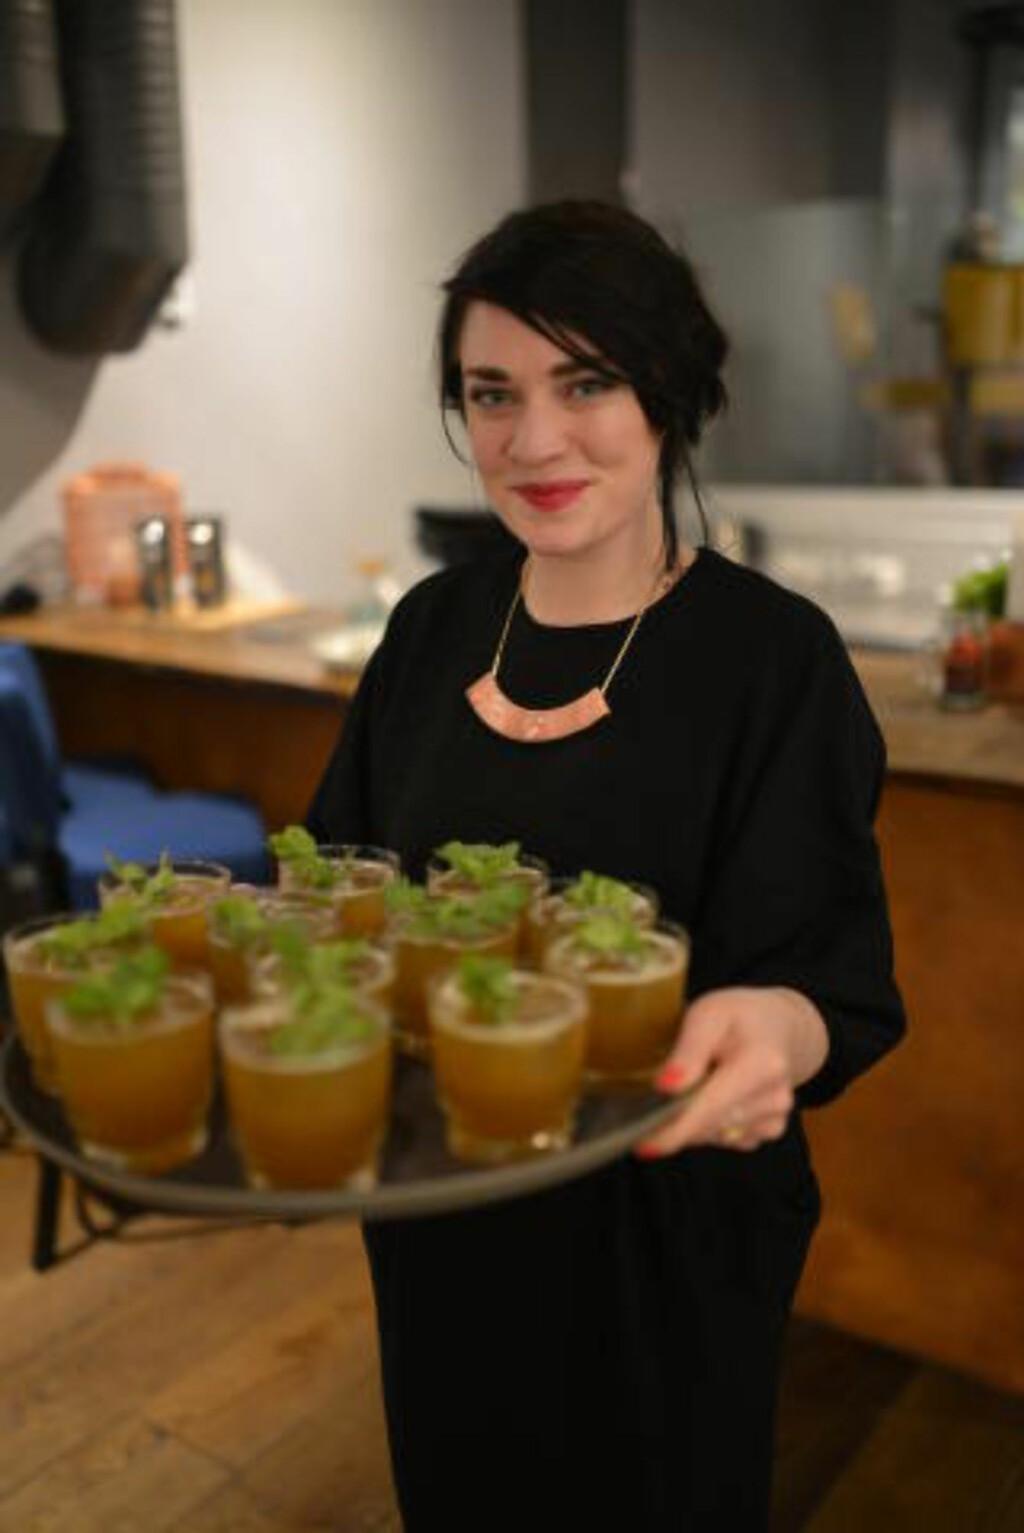 FEST I GLASSET: Det er mai og lov å kose seg, både med bobler og andre drikker, synes barsjef Anne Maurset. Foto: ANNE VALEUR.